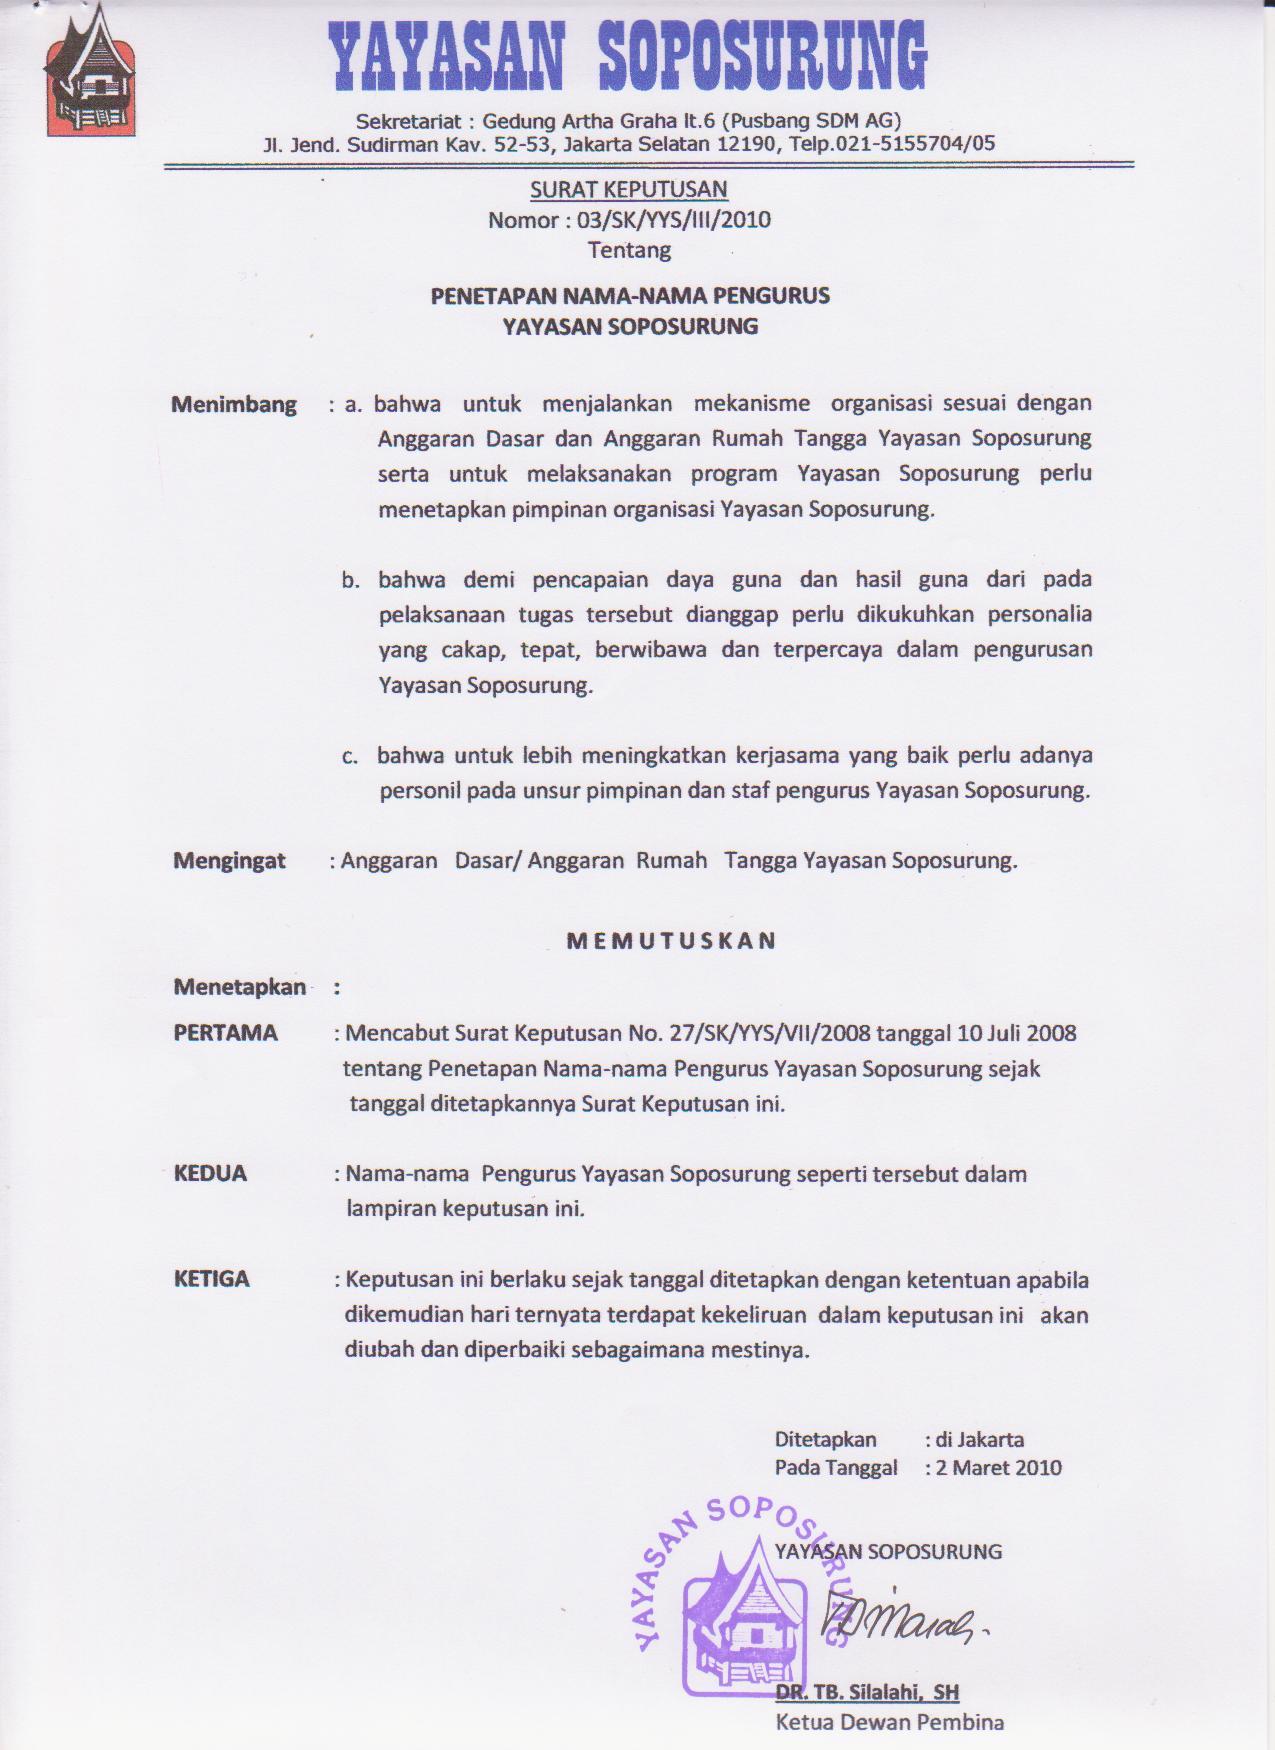 Pergantian Pengurus Yayasan Soposurung Sopo Ni Paryasop